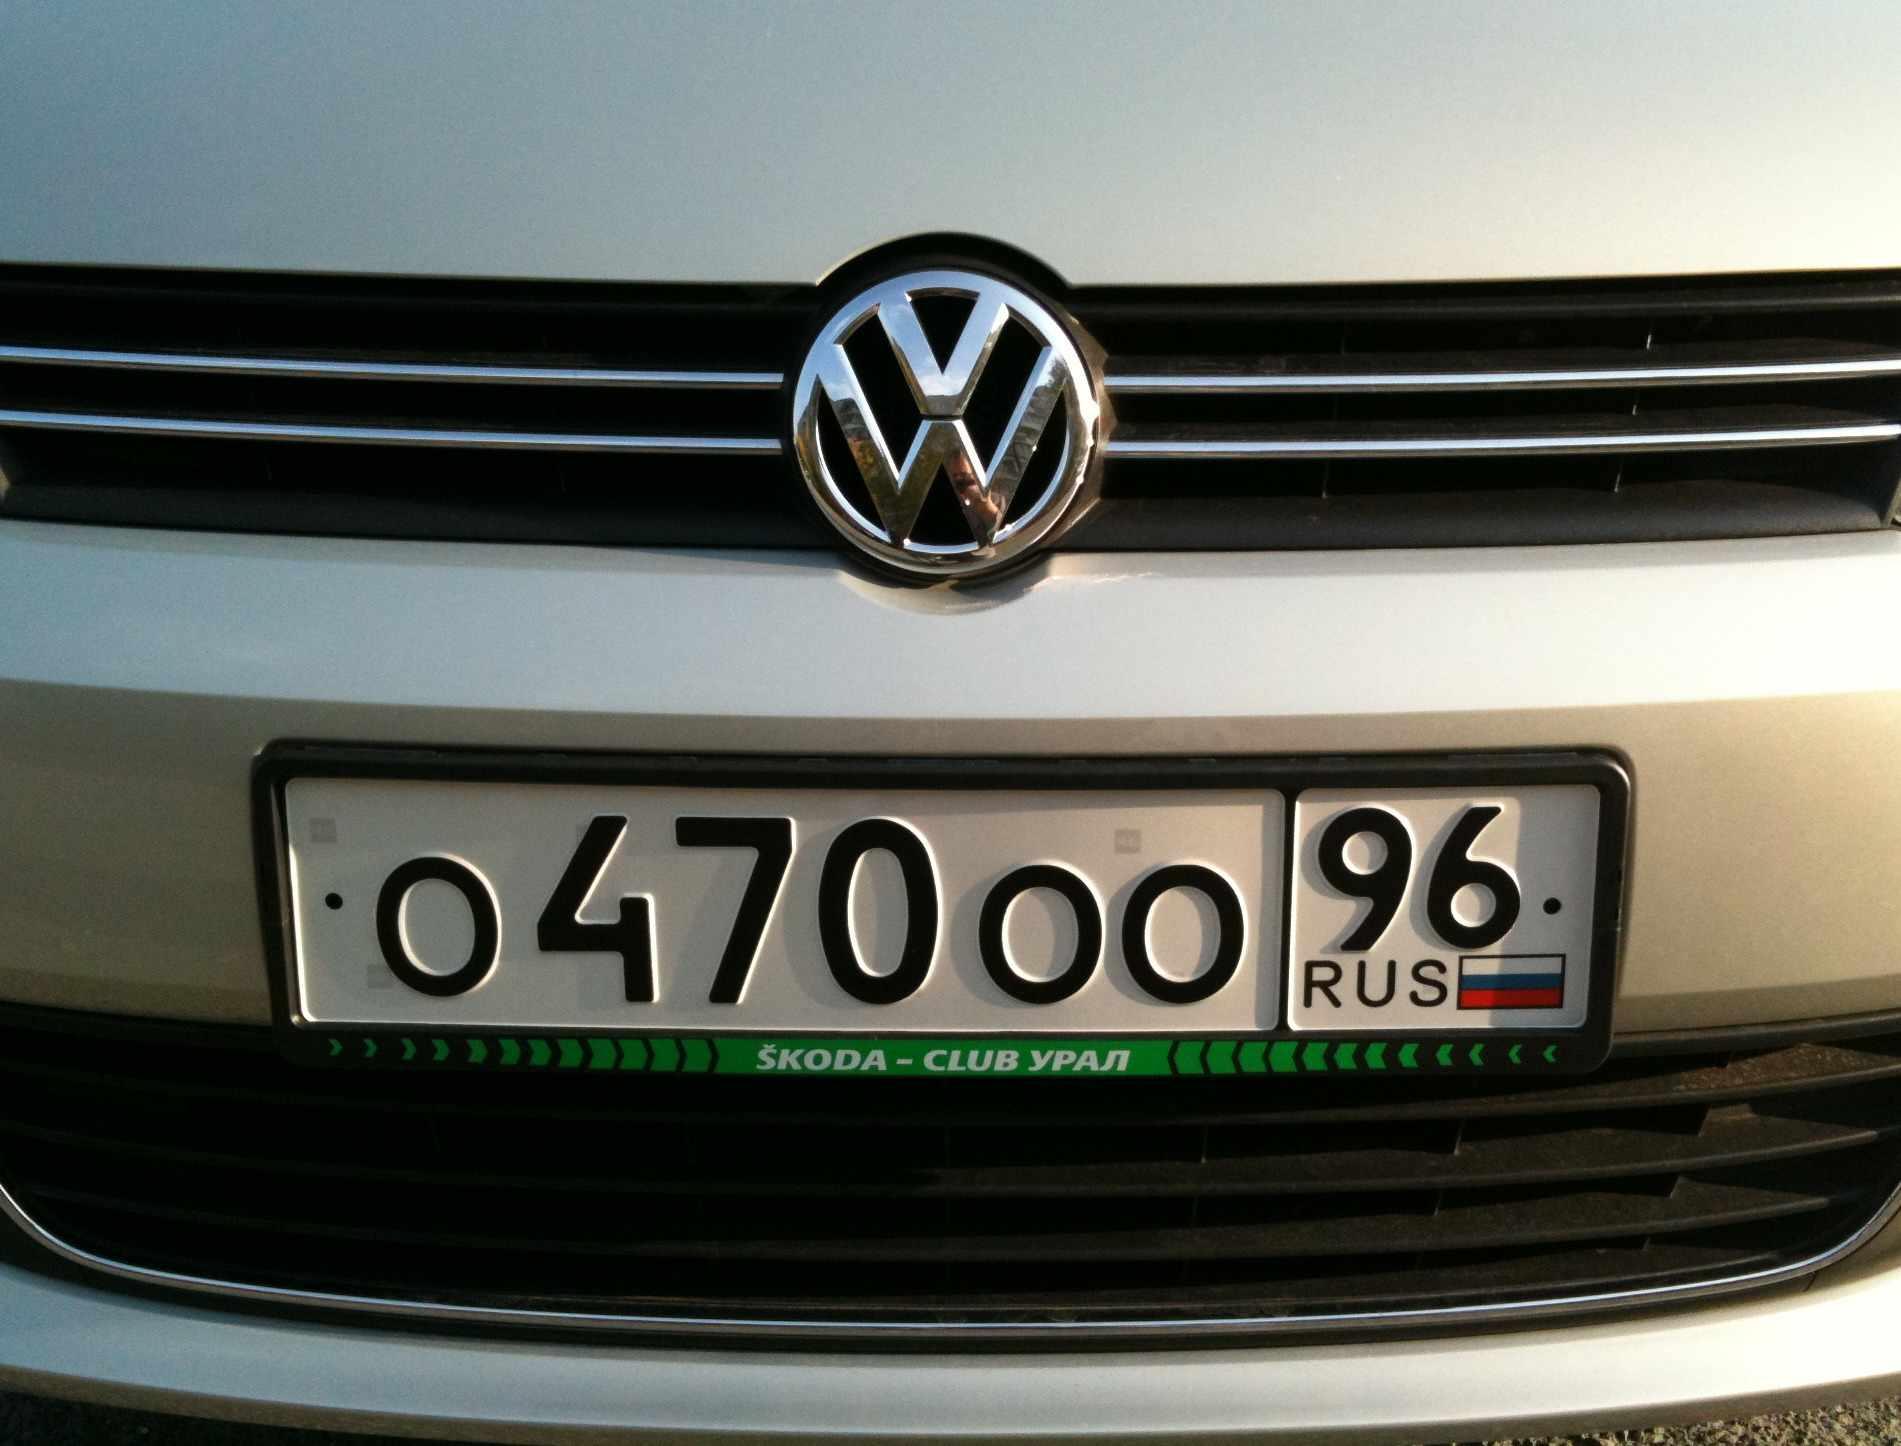 Как узнать владельца по номеру автомобиля бесплатно и онлайн по гос номеру